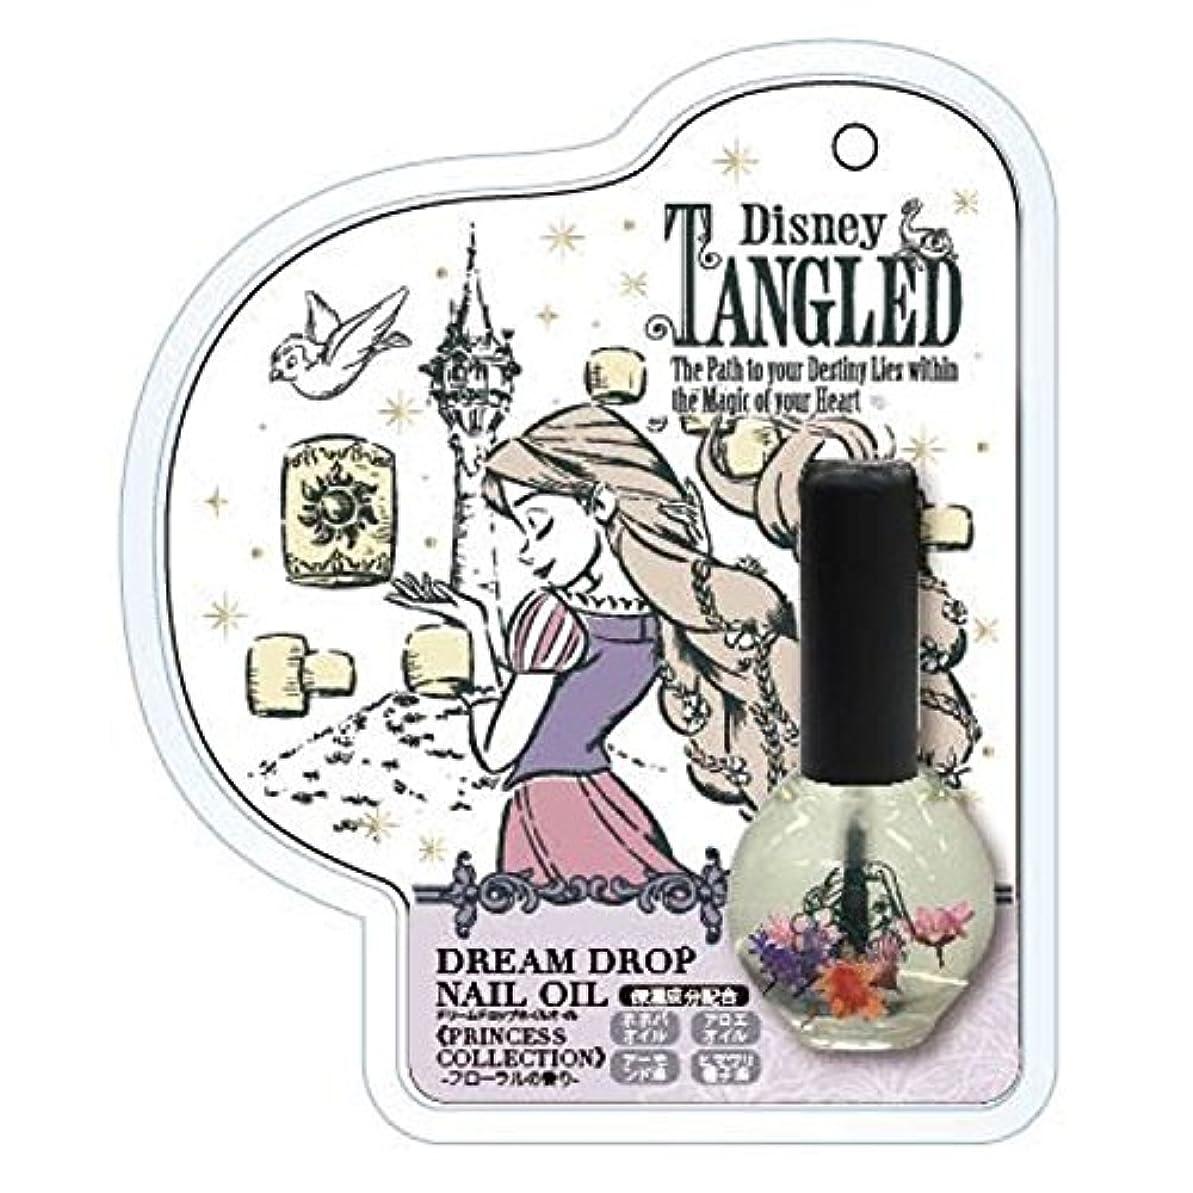 ベッツィトロットウッド消費する明らかにドリームドロップネイルオイル プリンセスコレクション ラプンツェル -フローラルの香り- DN04751